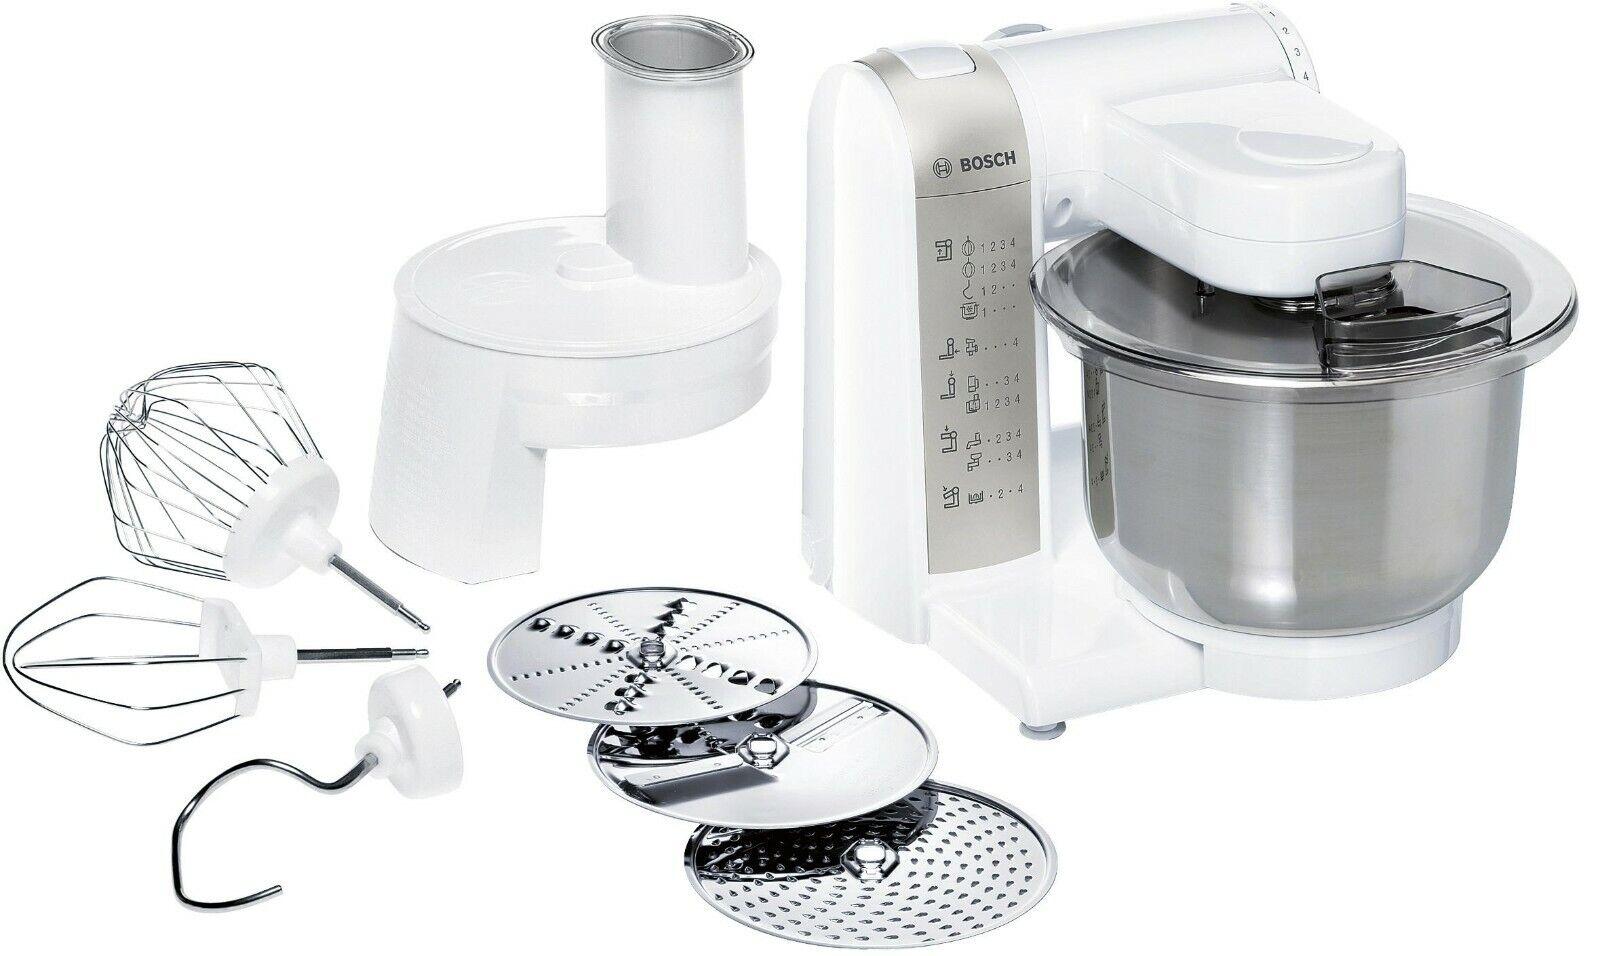 Bosch Küchenmaschine MUM MUM48W1 600W Weiss, Knethaken, Schlag- und Rührbesen